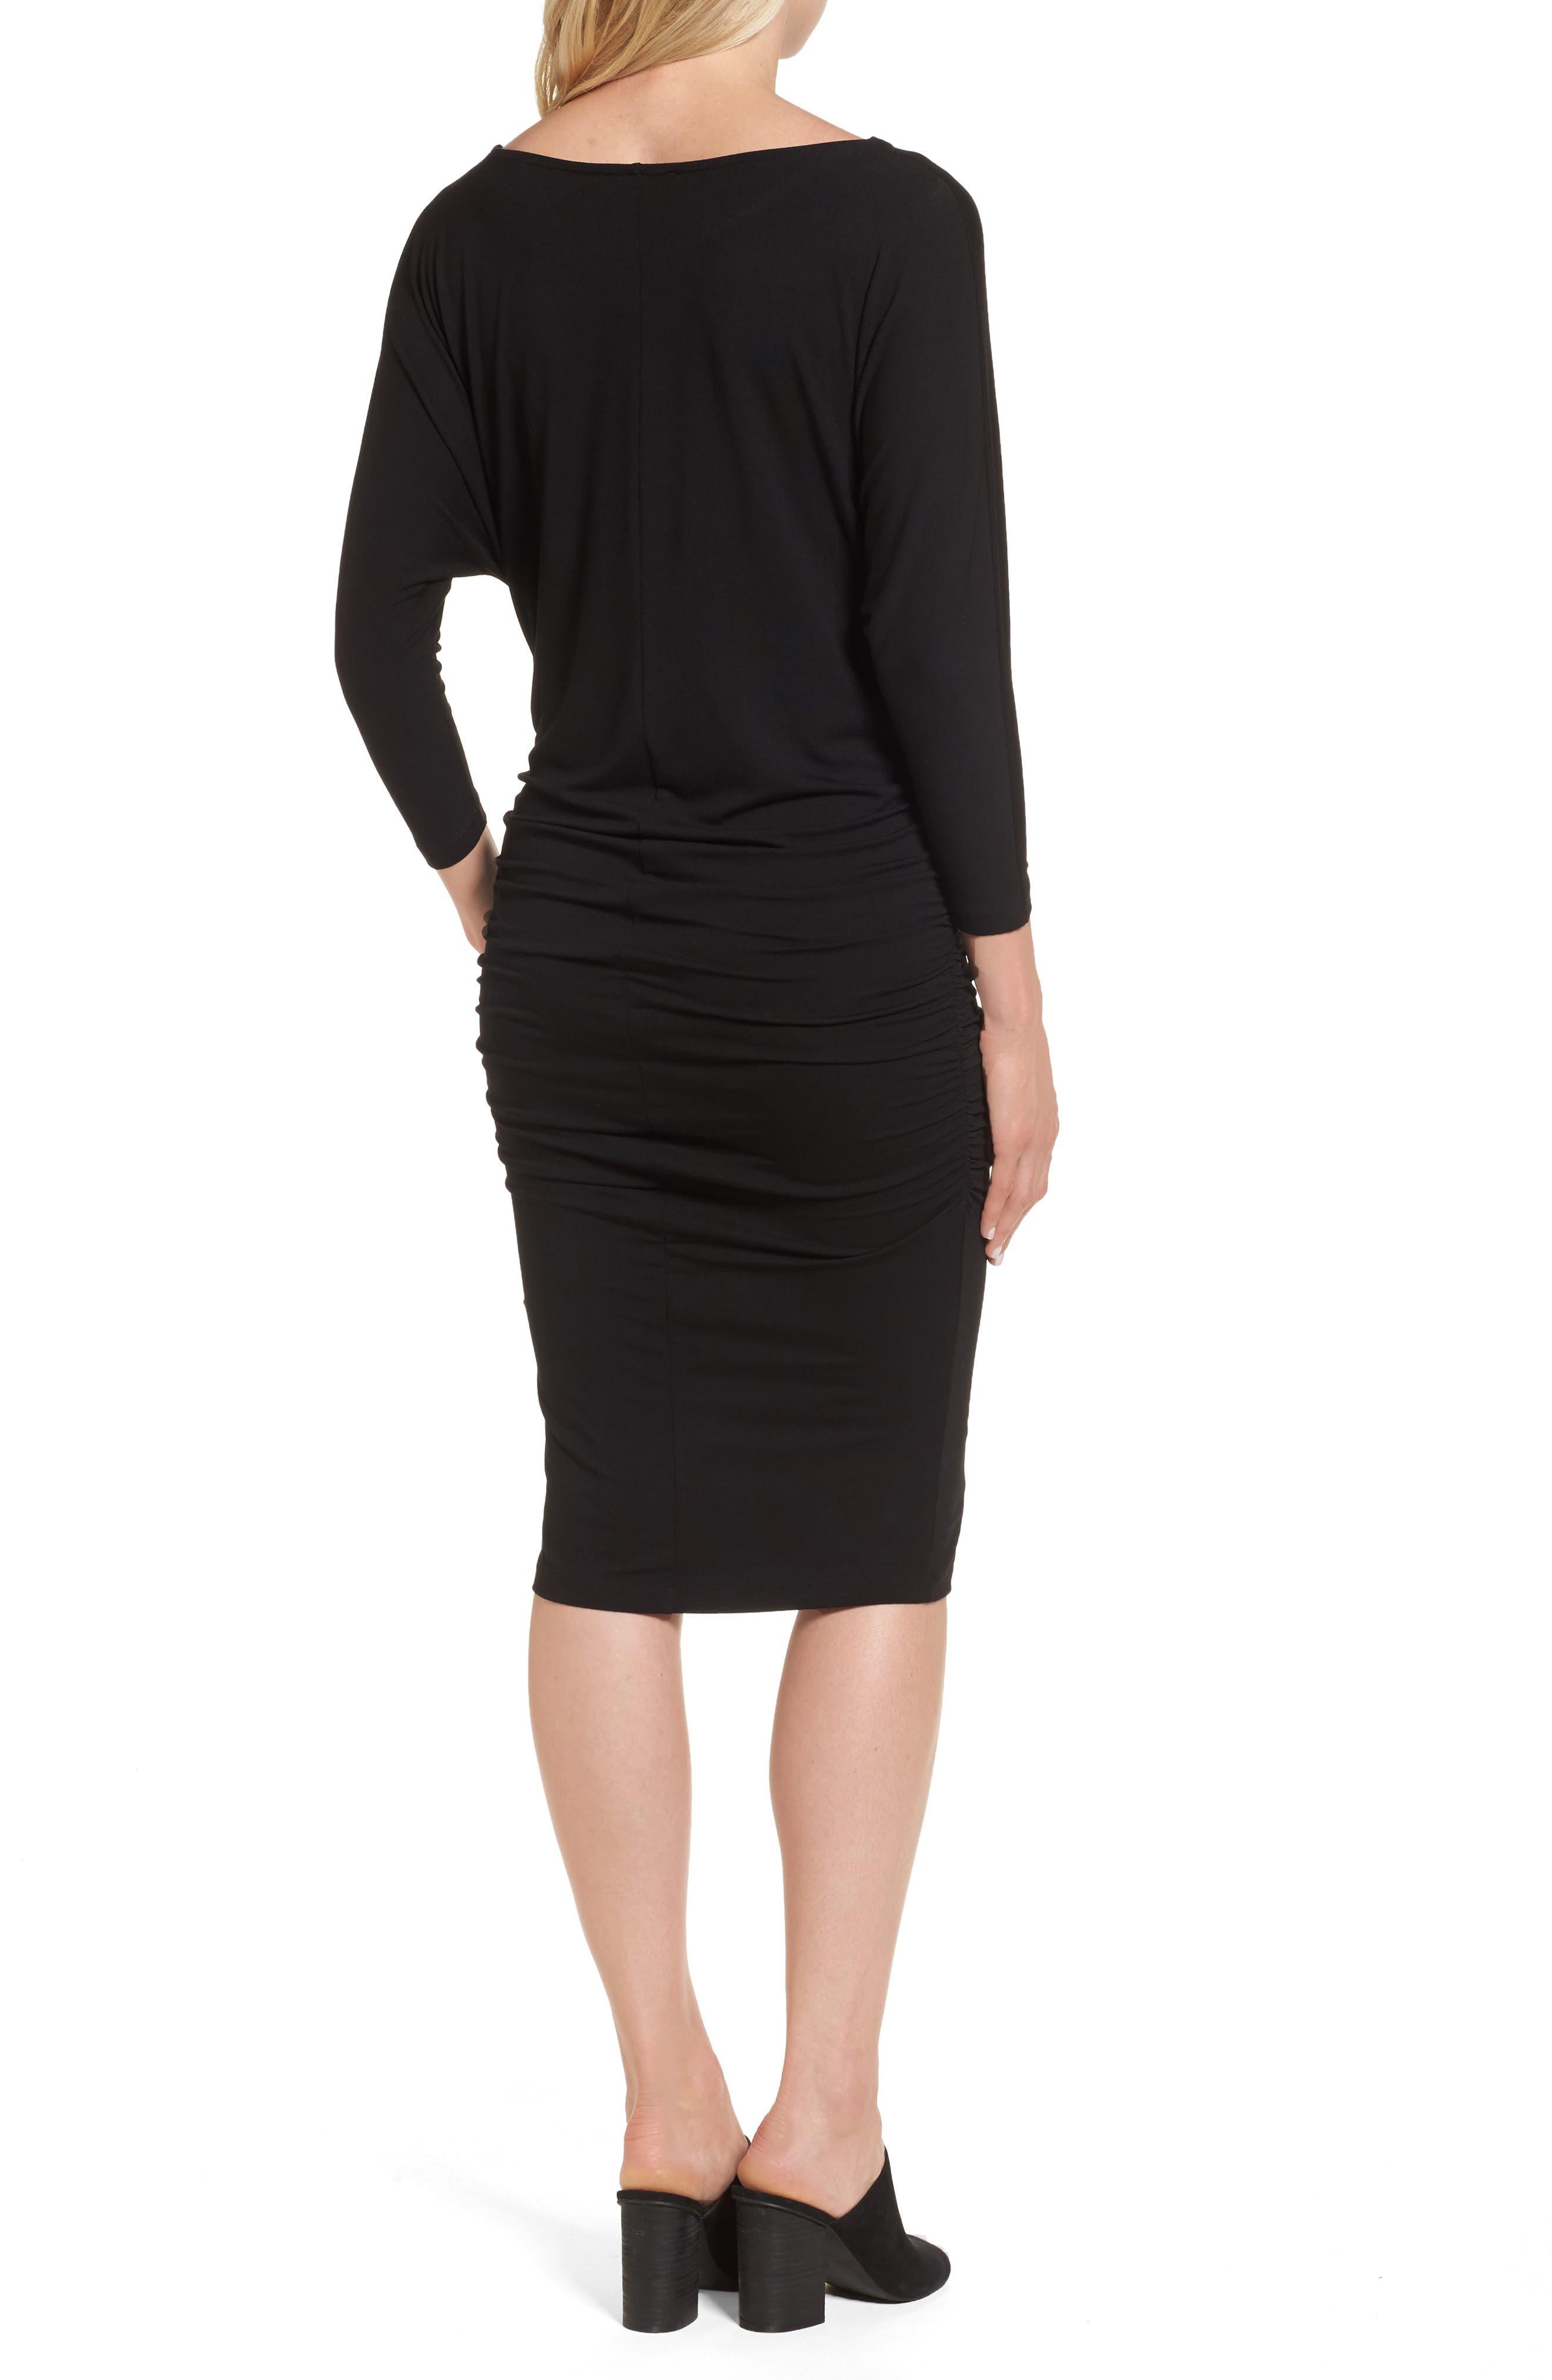 Jessa Maternity Dress,                             Alternate thumbnail 2, color,                             Caviar Black